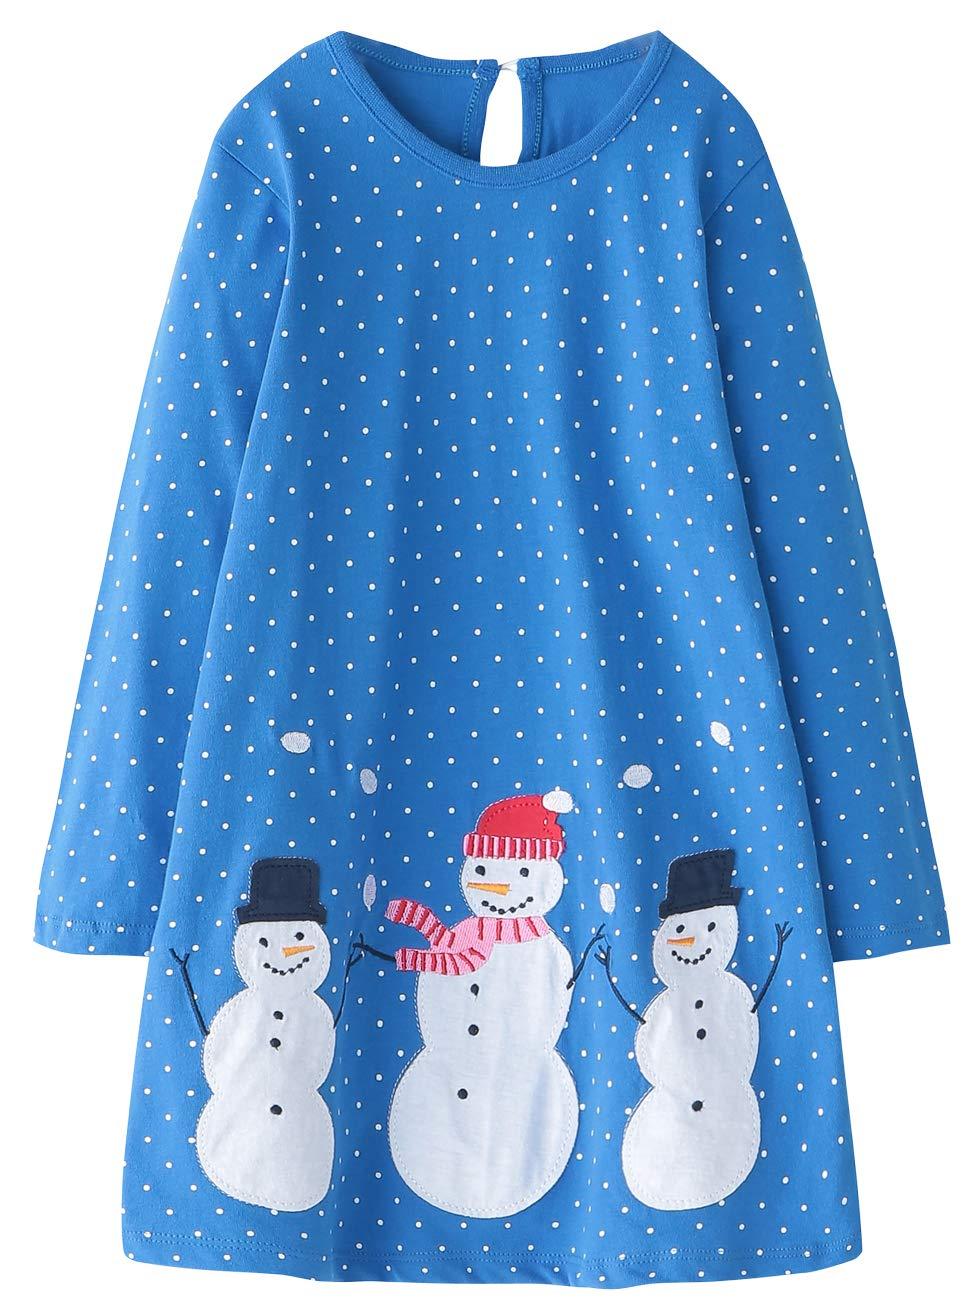 Fiream Girls Cotton Longsleeve Casual Dresses Applique Cartoon(1102,7T/7-8YRS)